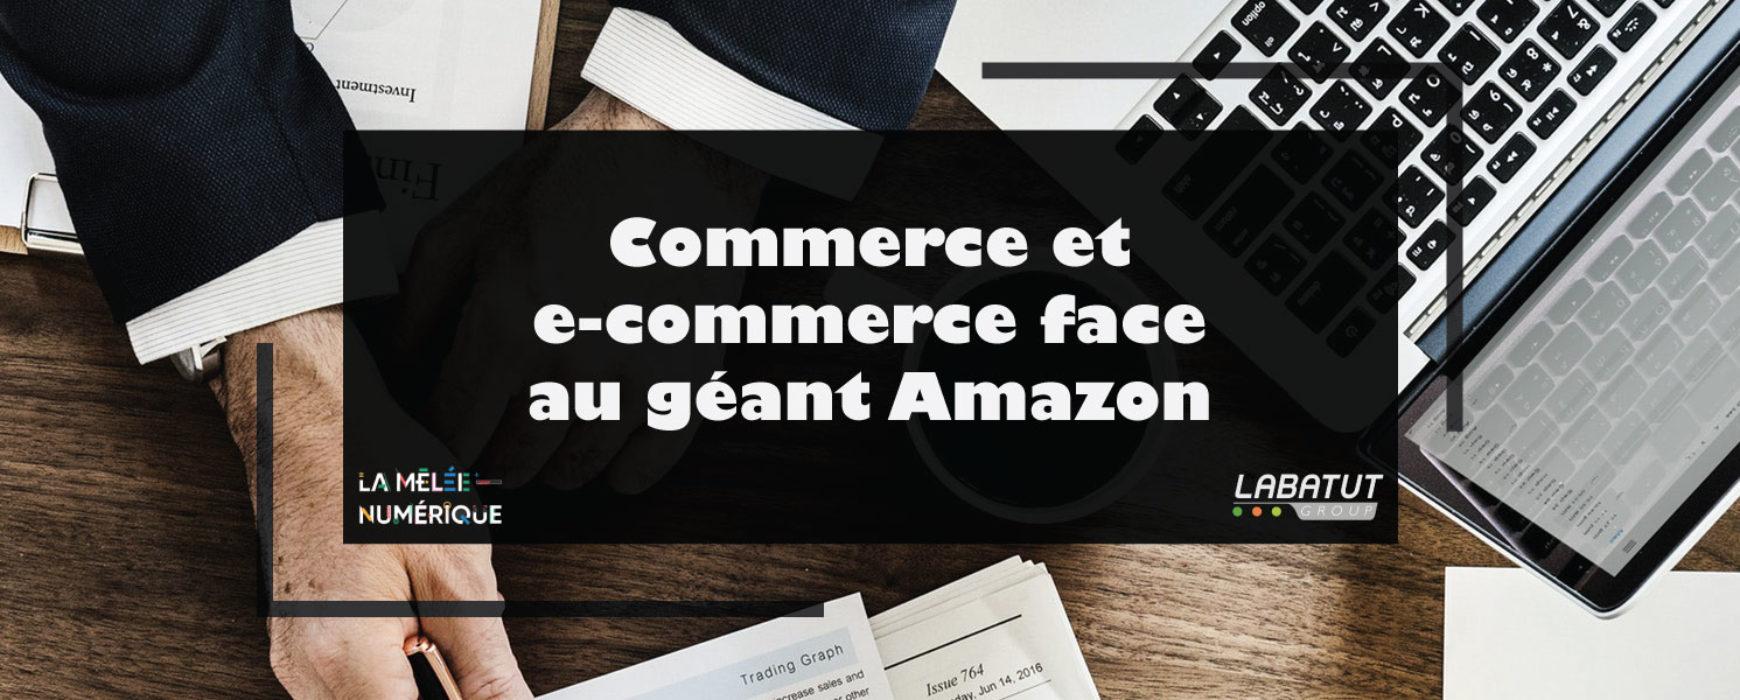 Retour sur la Mêlée Numérique: commerce et e-commerce face au géant Amazon